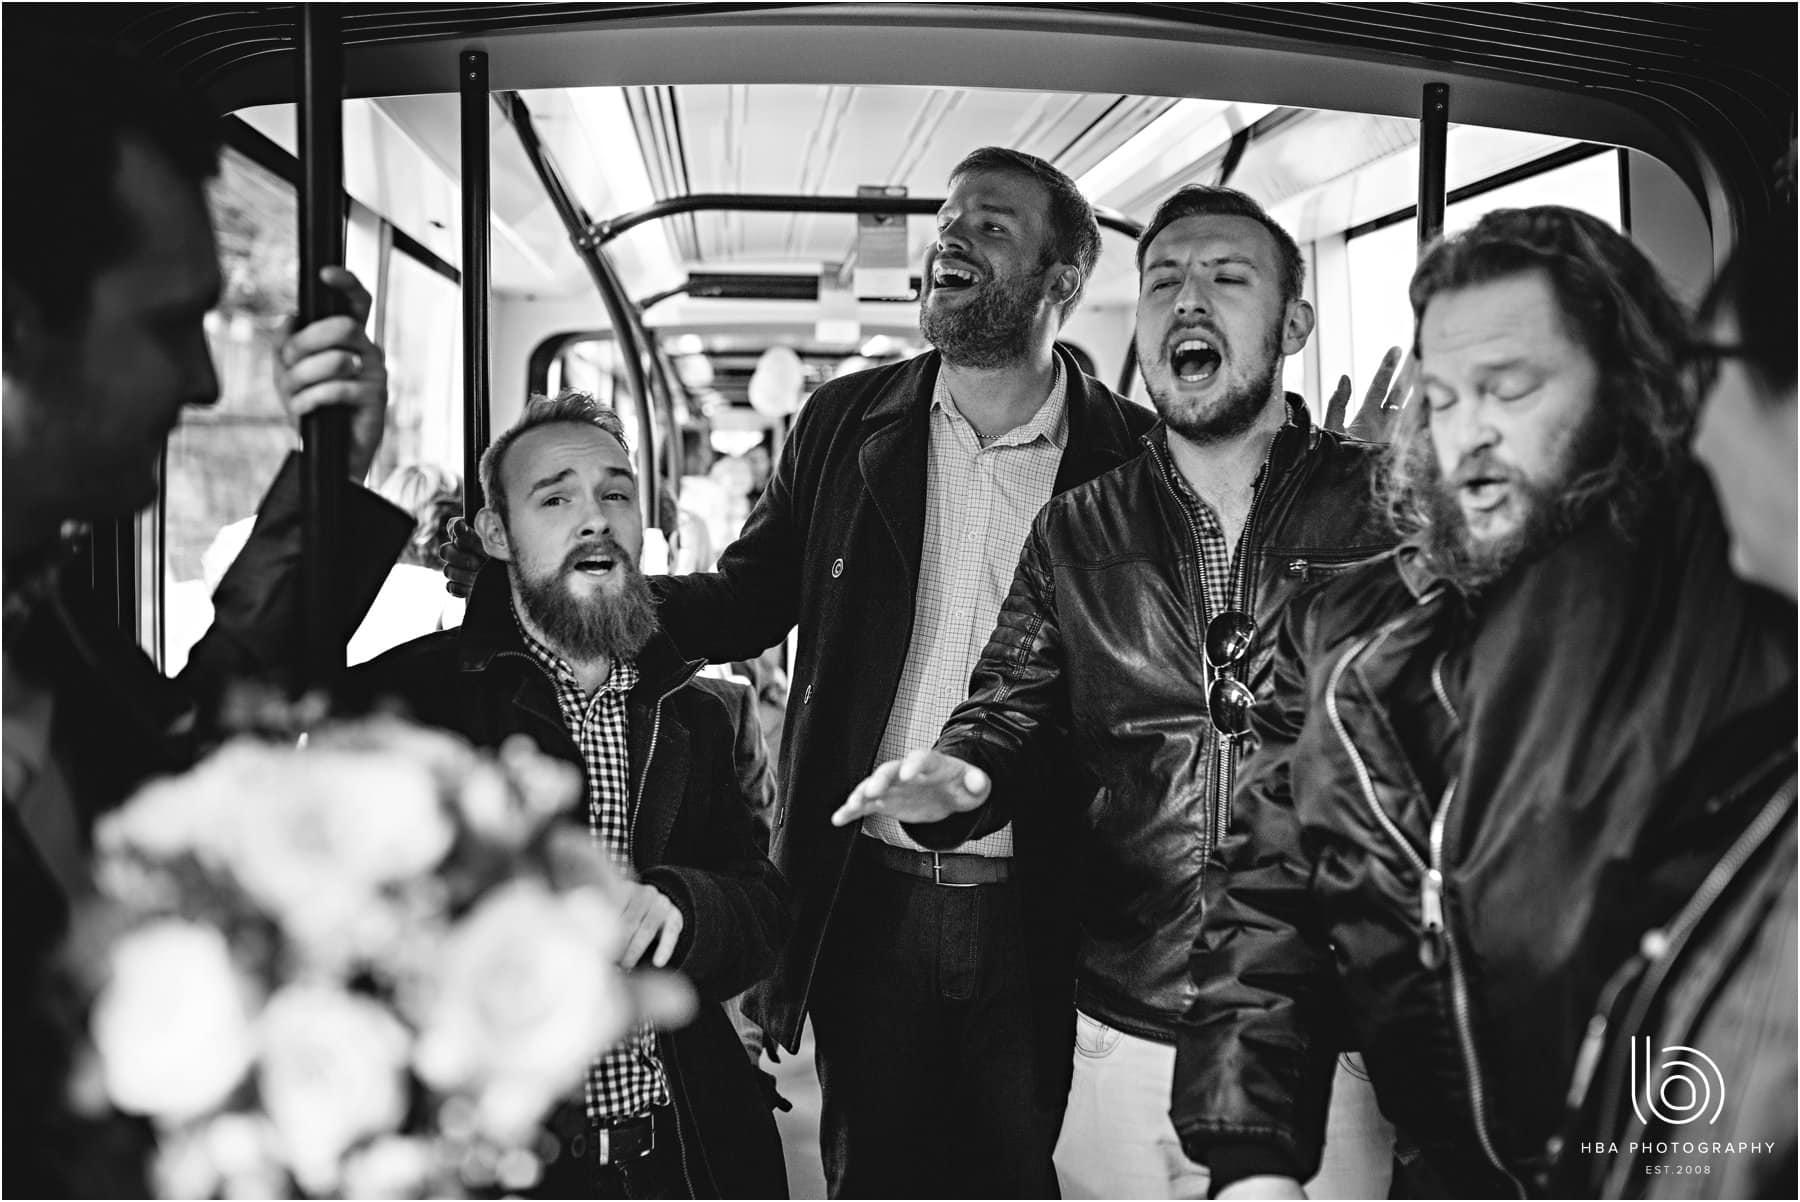 a wedding acapella group